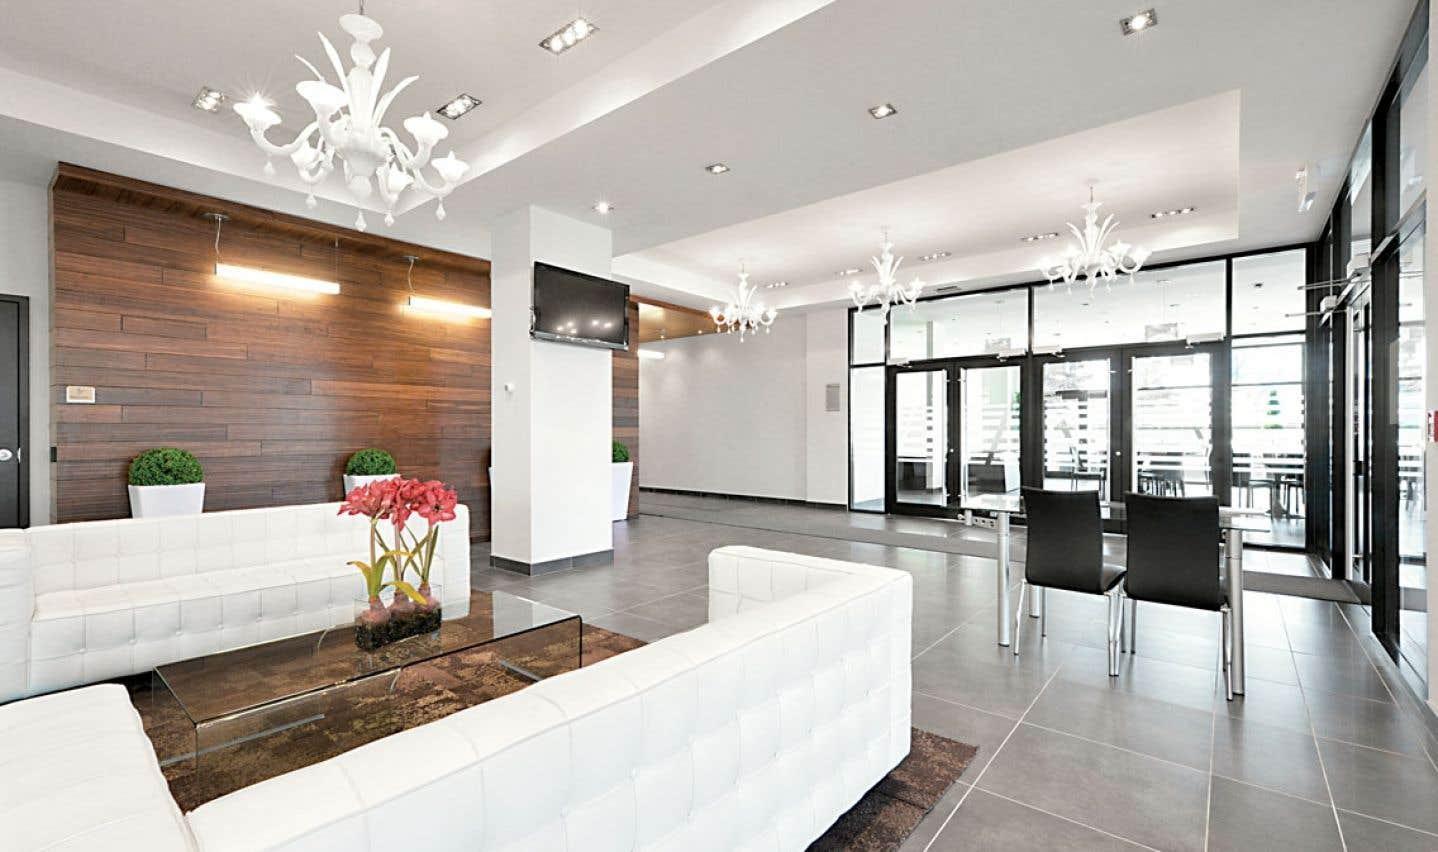 L'intérieur des condos se distingue par son design classique et épuré, ainsi que par ses espaces vastes et surtout lumineux.